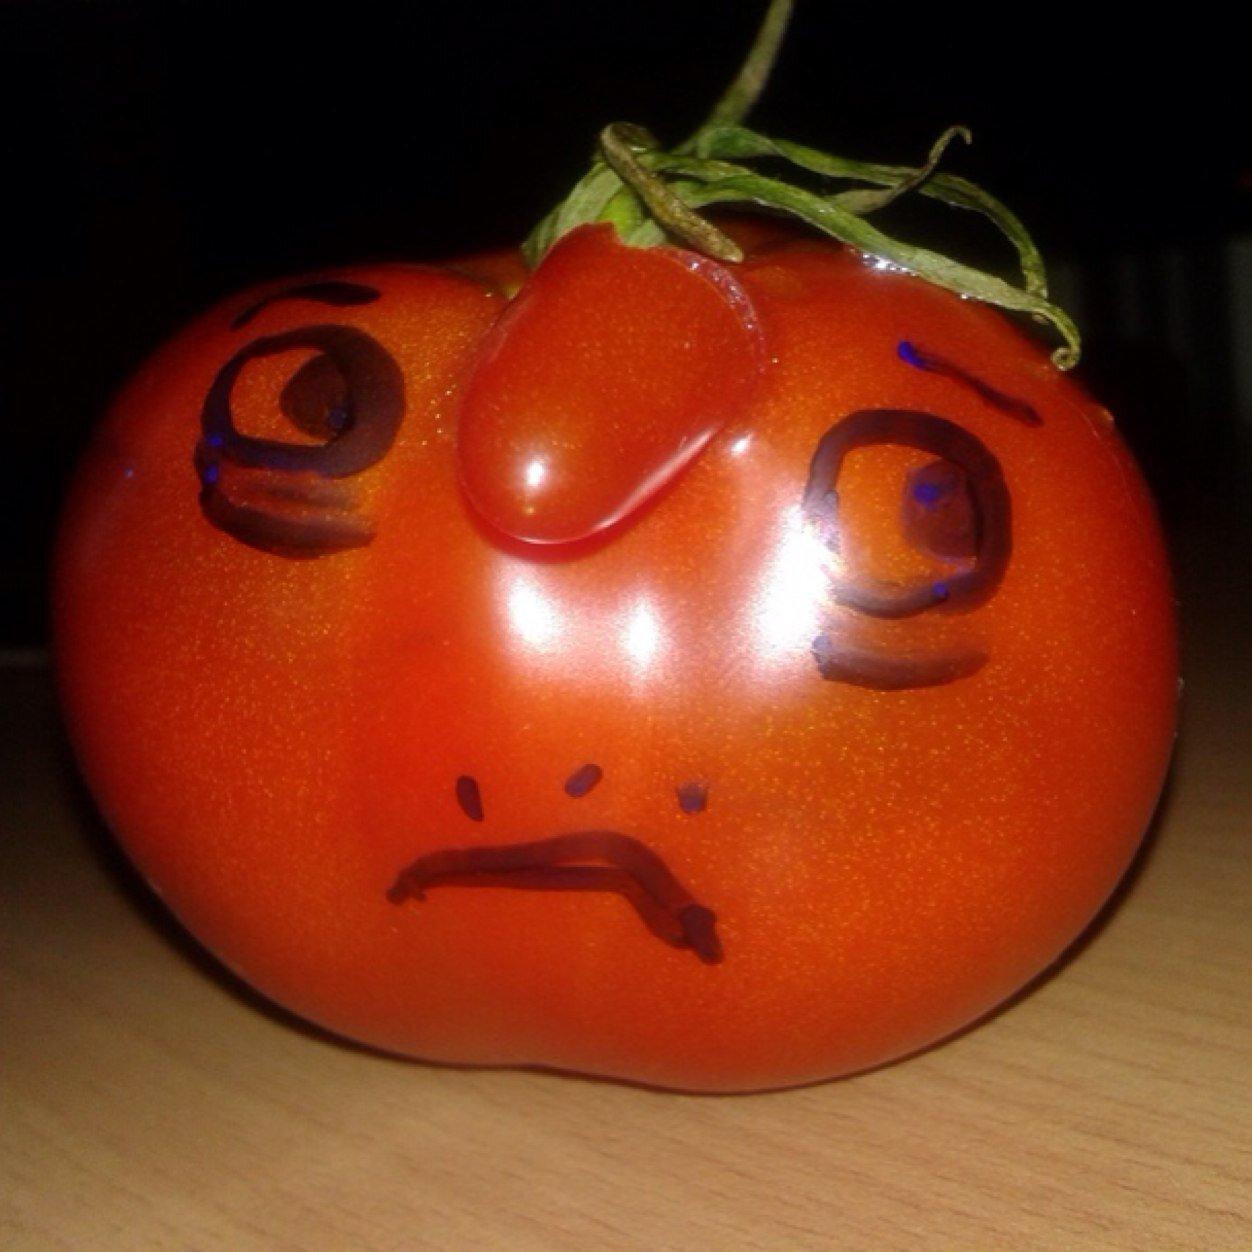 для прикольные картинки с помидорами целом